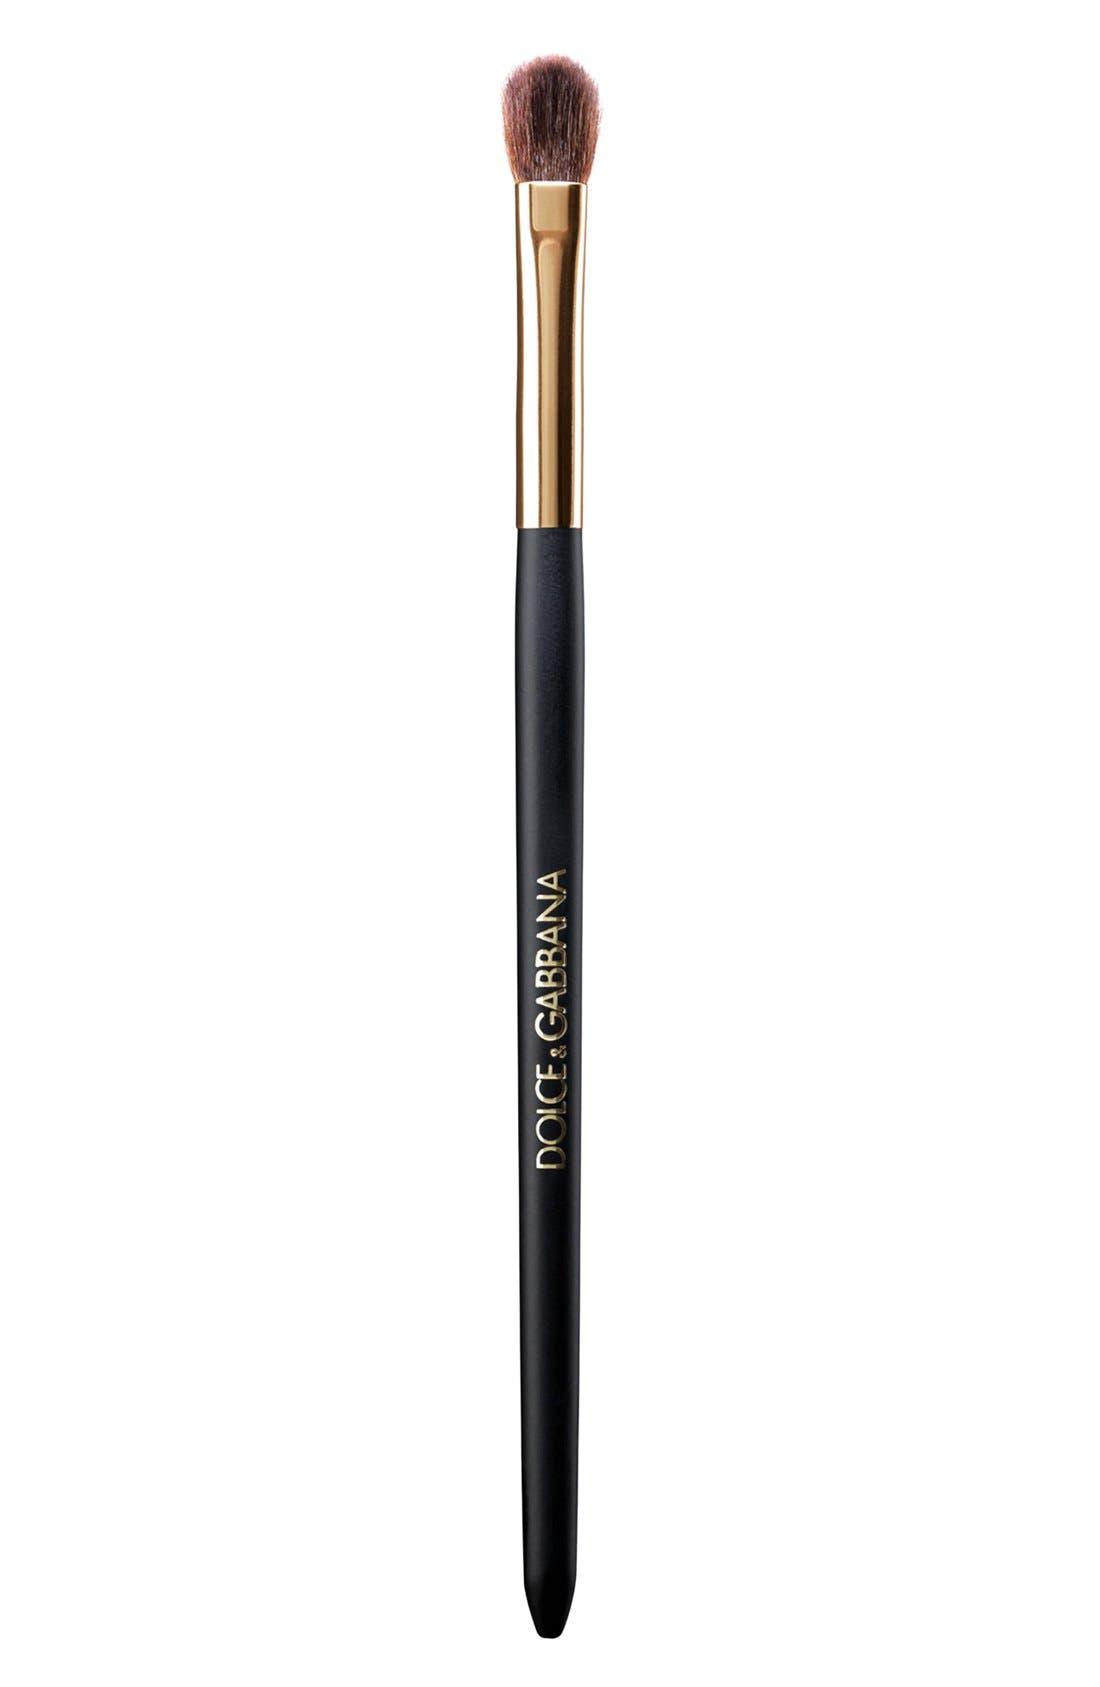 Blending Brush,                         Main,                         color,